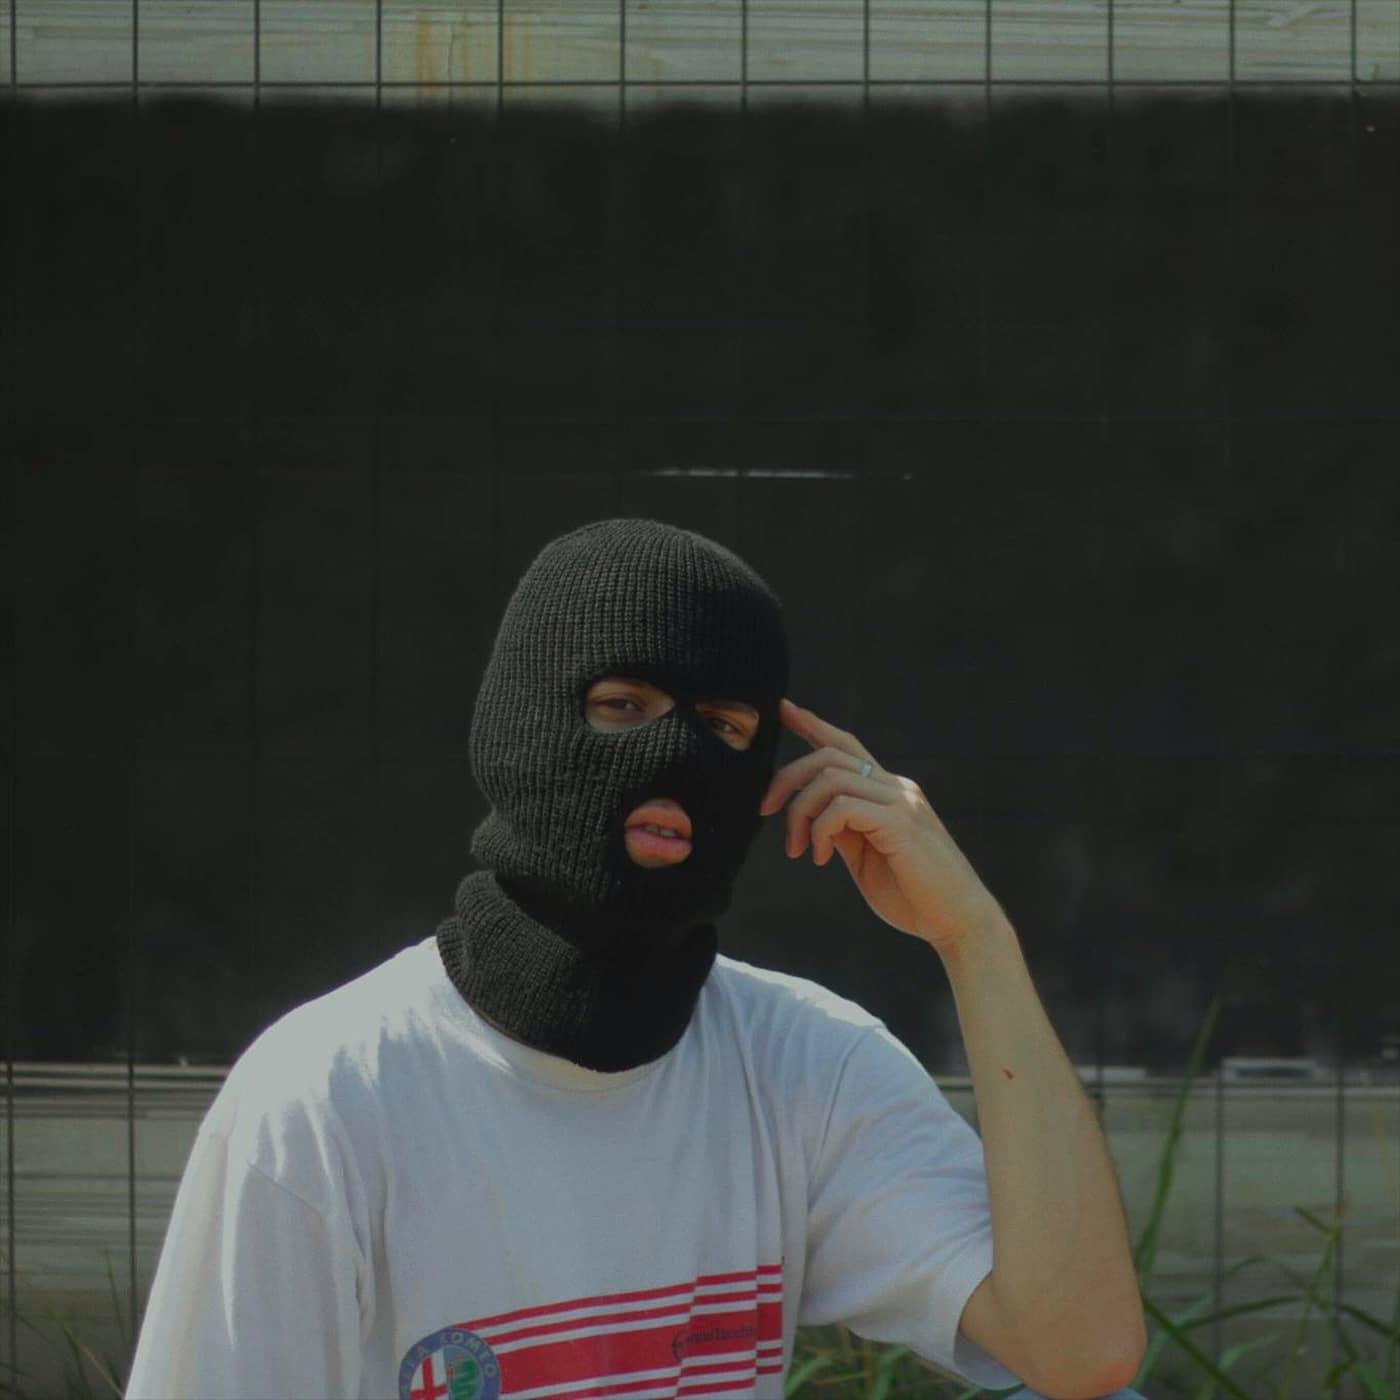 Sao Paulo – Saudade 51